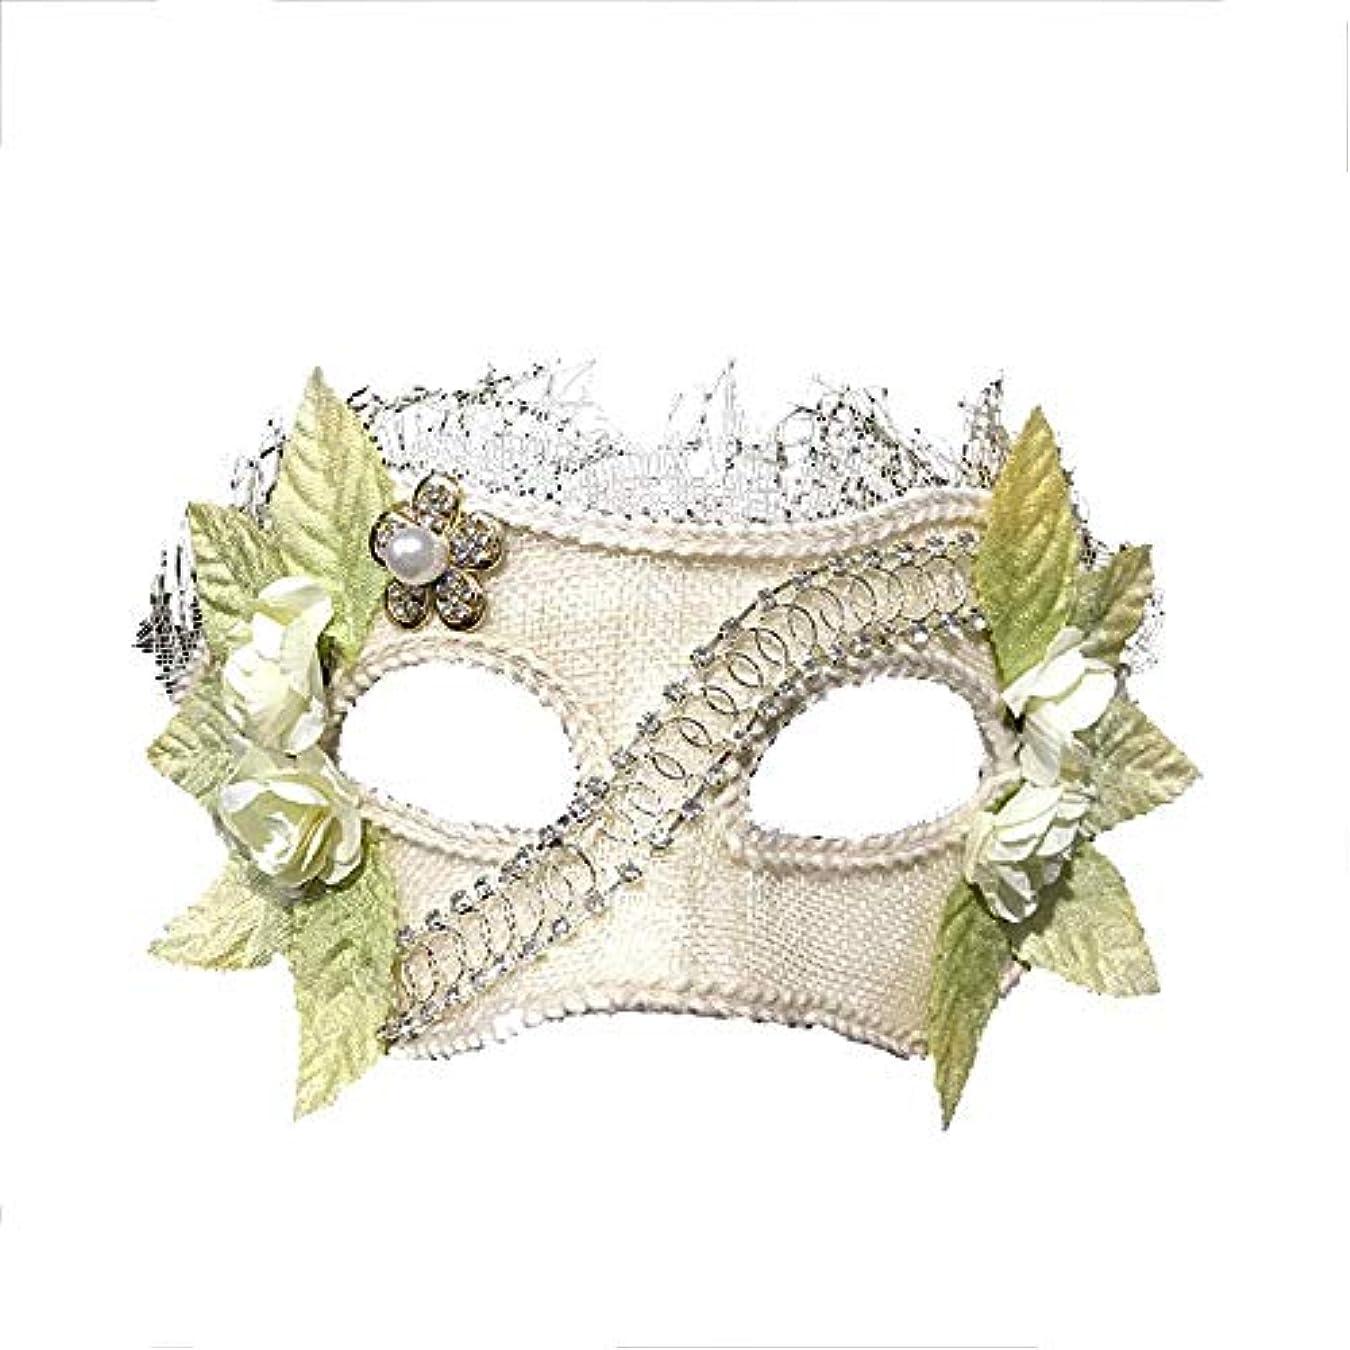 サスペンションホステスにもかかわらずNanle ハロウィンクリスマスフラワーフェザービーズマスク仮装マスクレディミスプリンセス美容祭パーティーデコレーションマスク (色 : Style A)